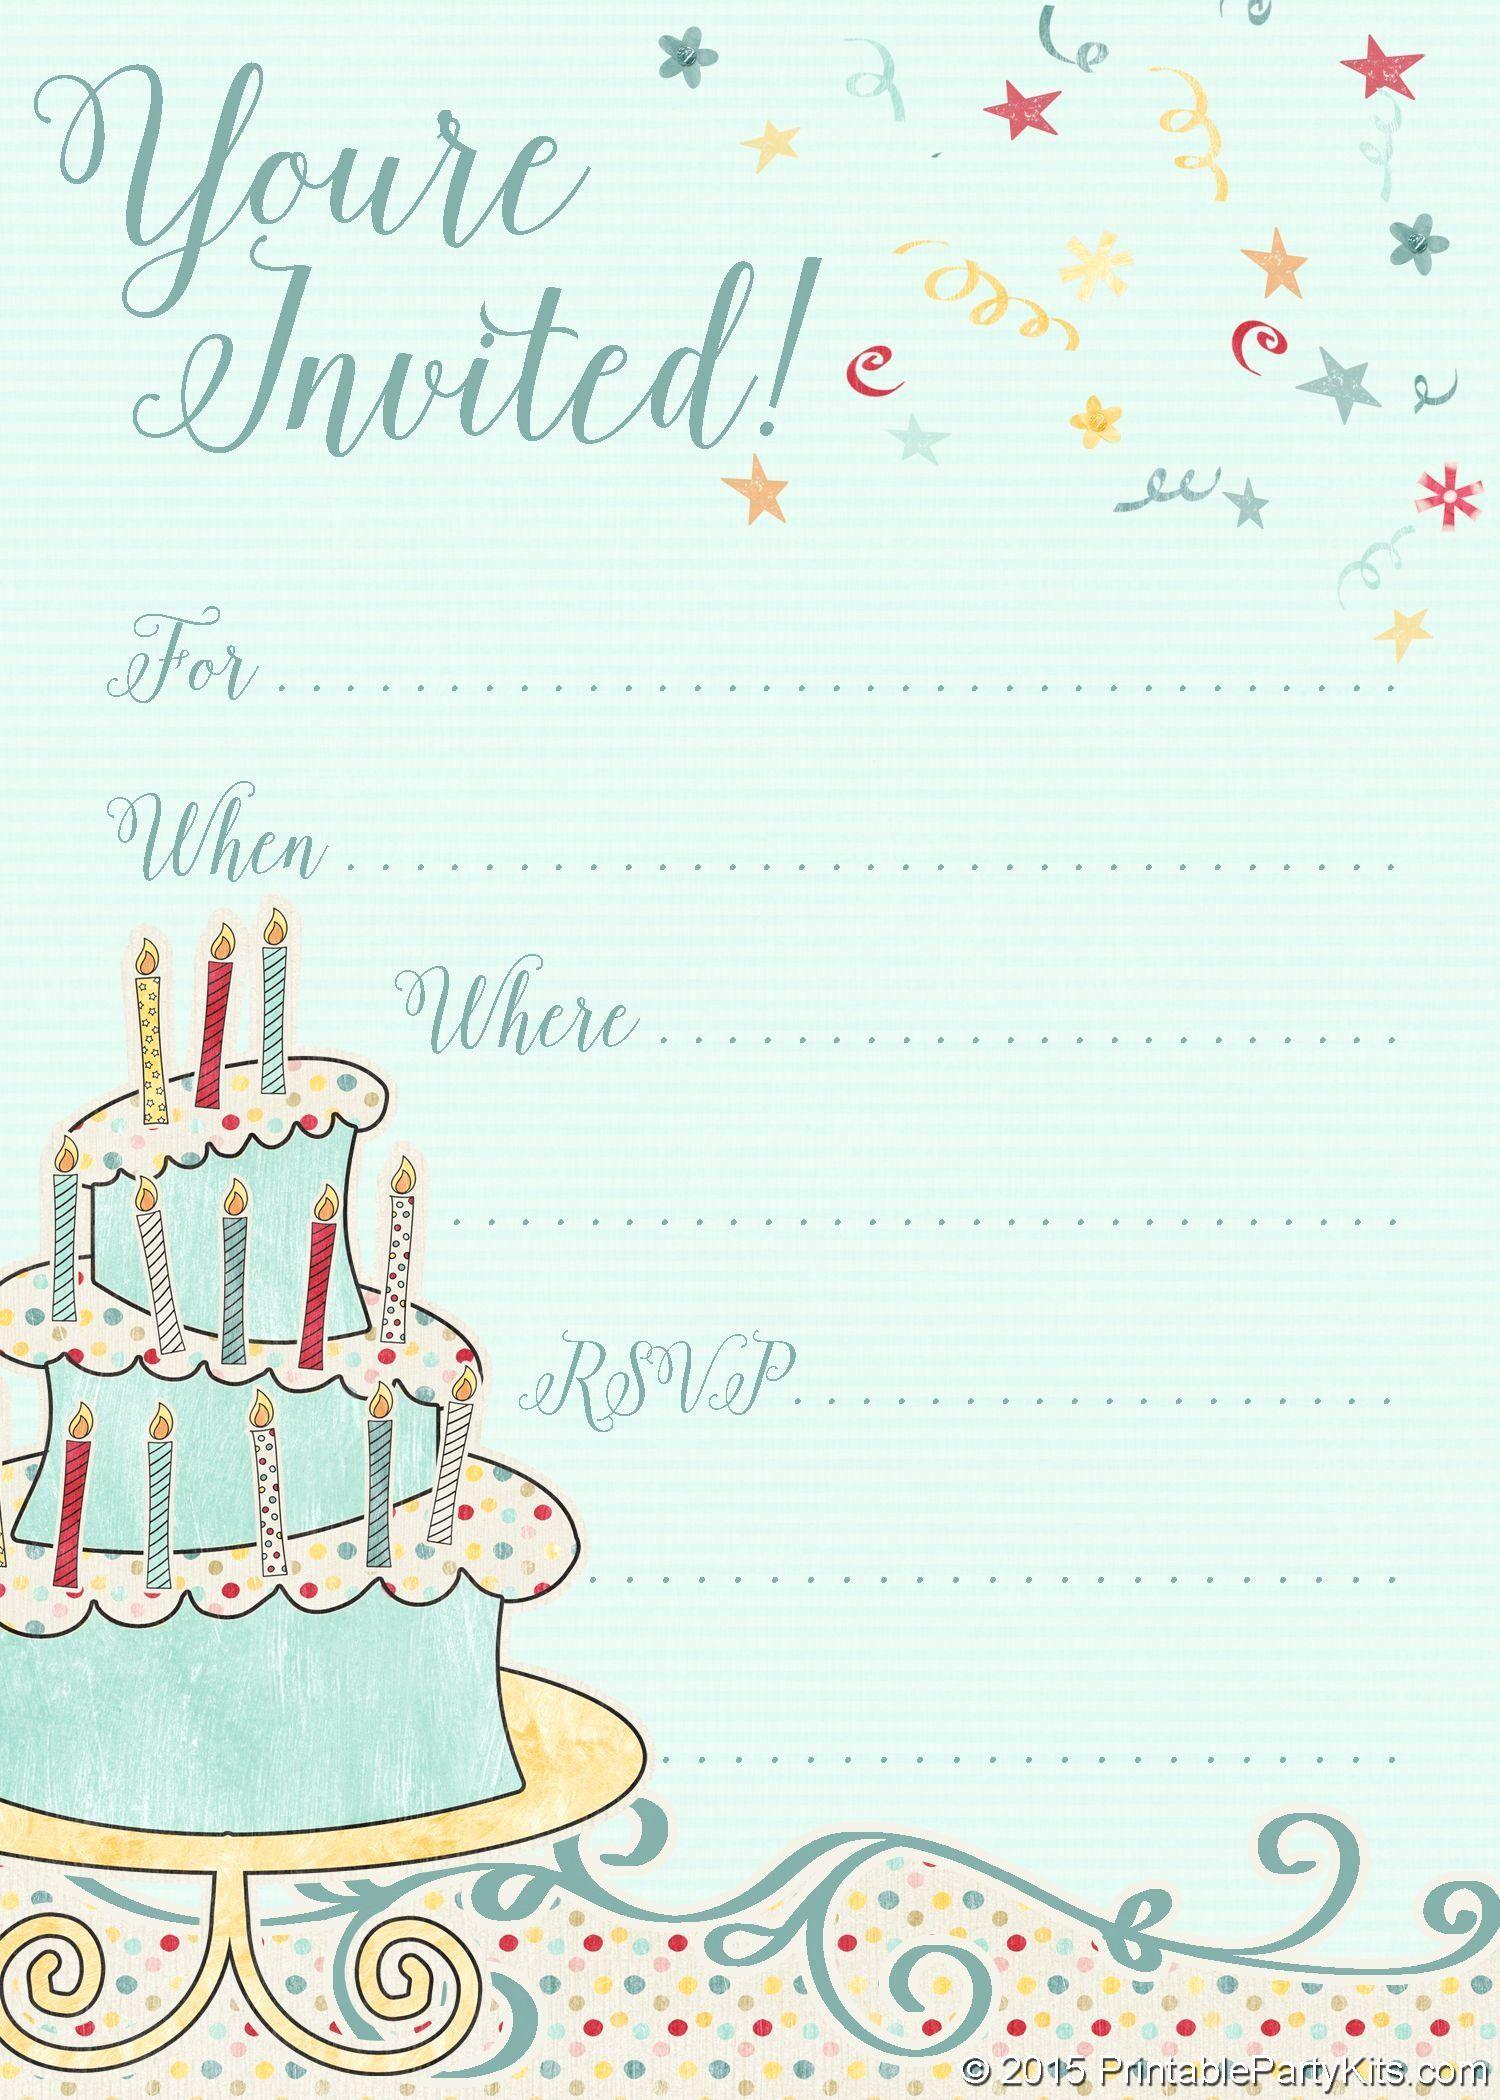 Free Birthday Party Invitation Templates Elegant Free Printable Whims Party Invite Template Birthday Party Invitation Templates Girl Birthday Party Invitations